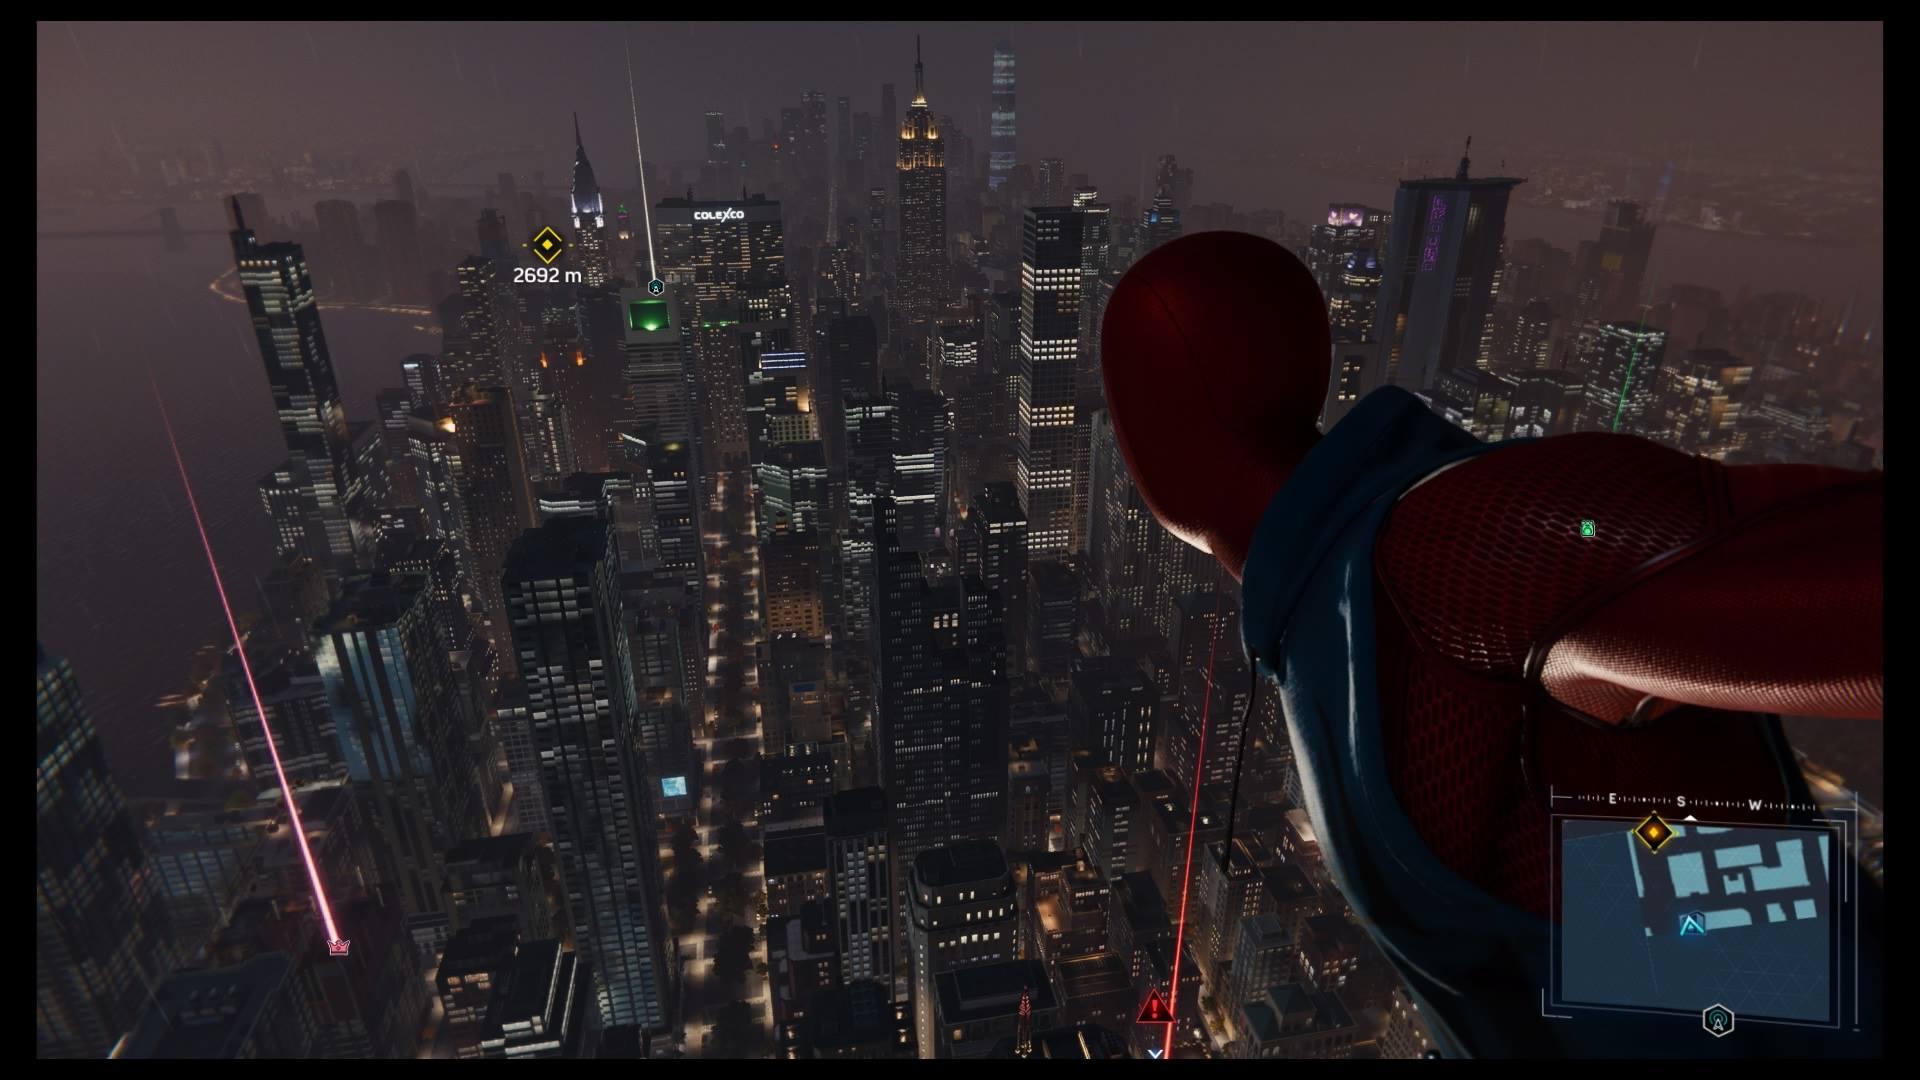 Spider-Man image 2